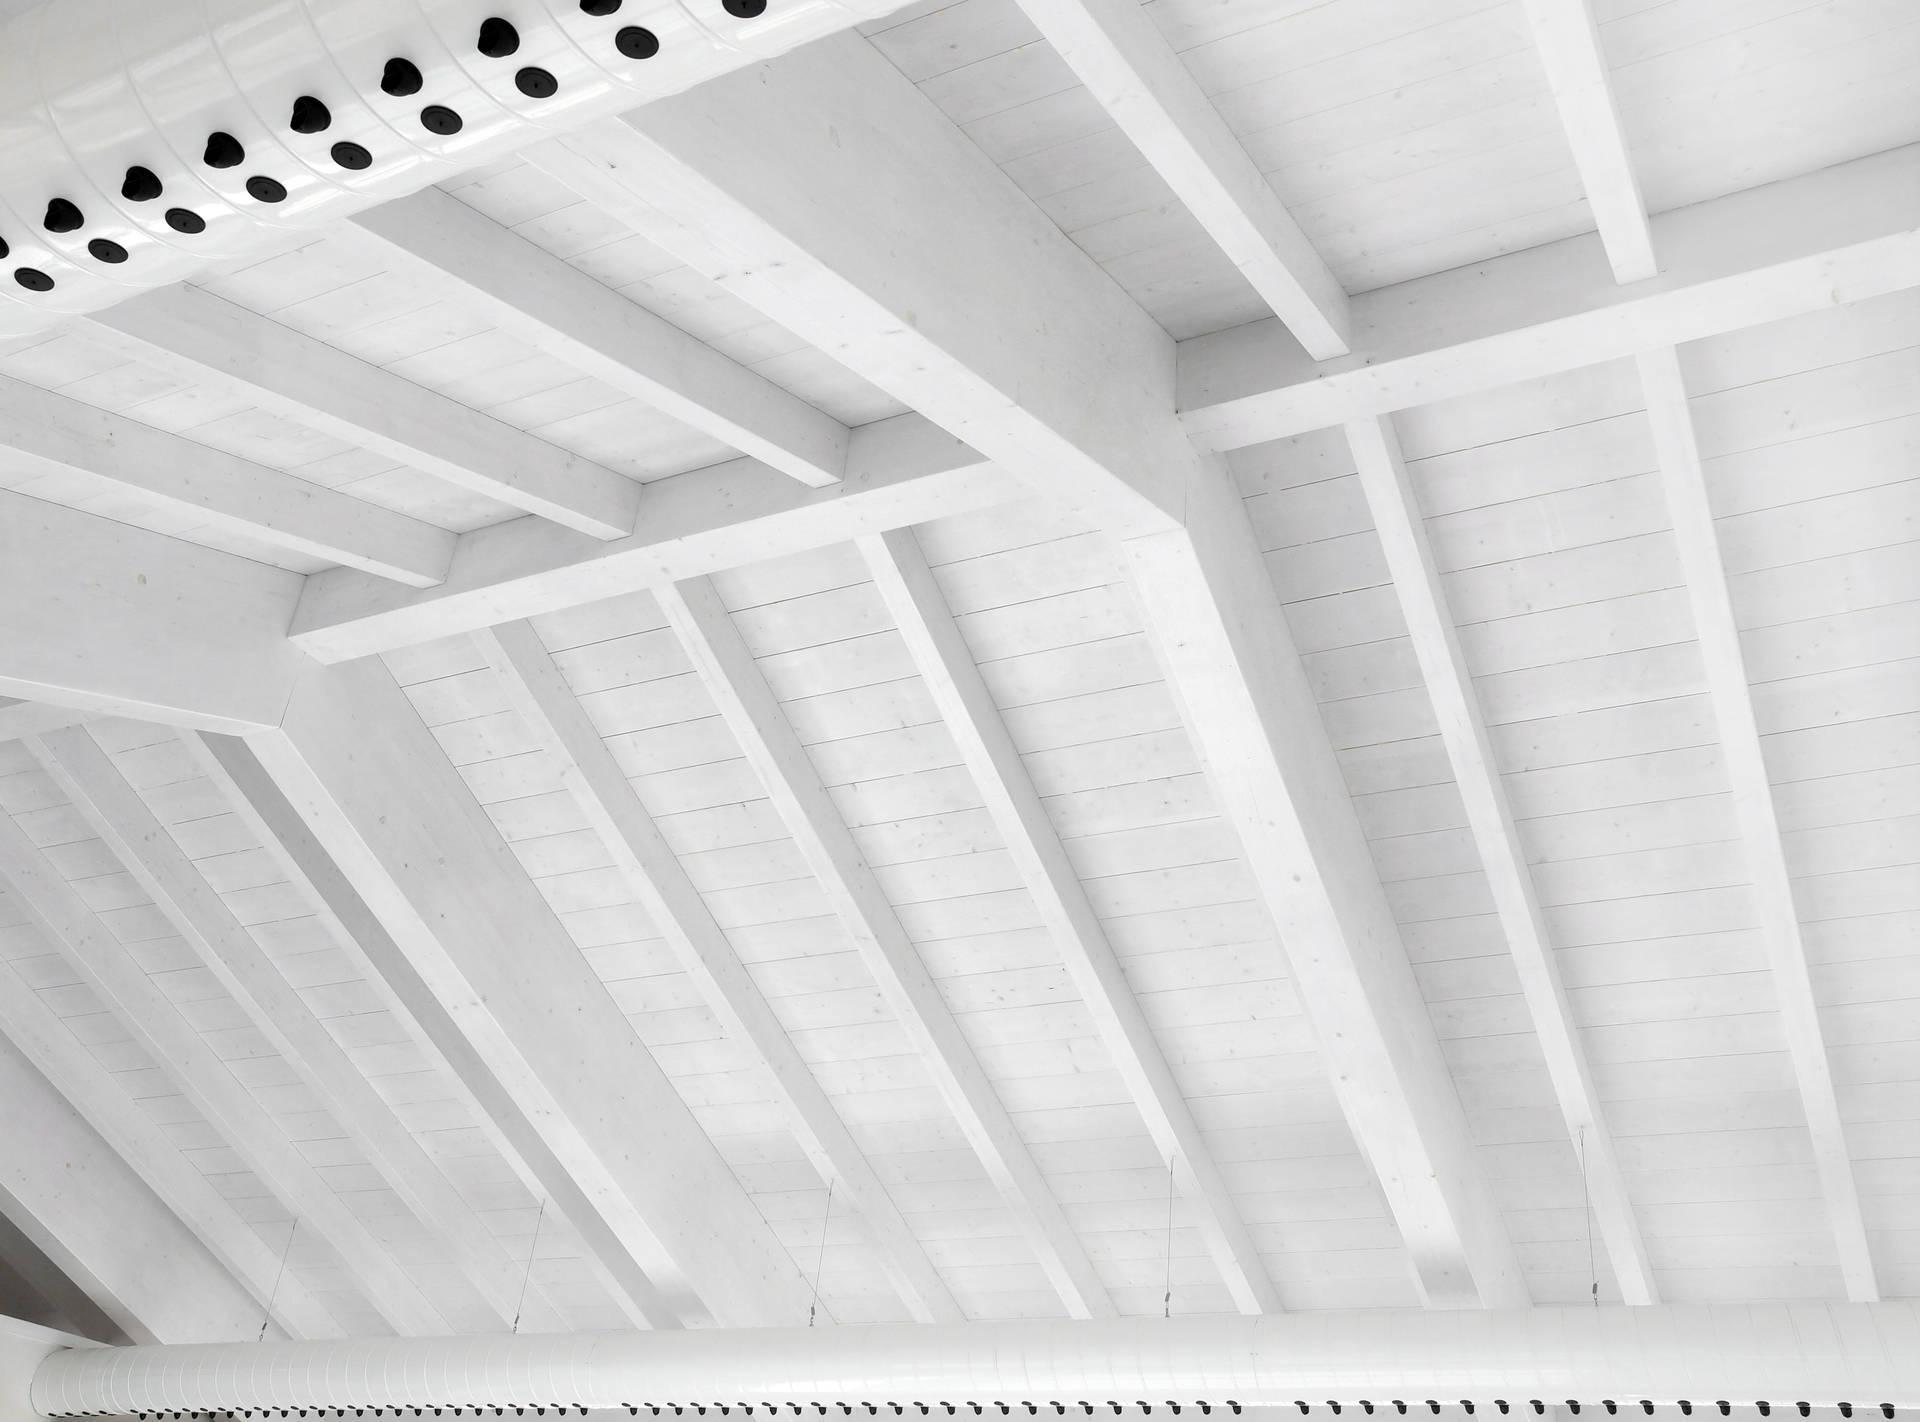 Colori Tetti Legno Lamellare bontorin giuseppe s.r.l. | mecstore | materiali da costruzione